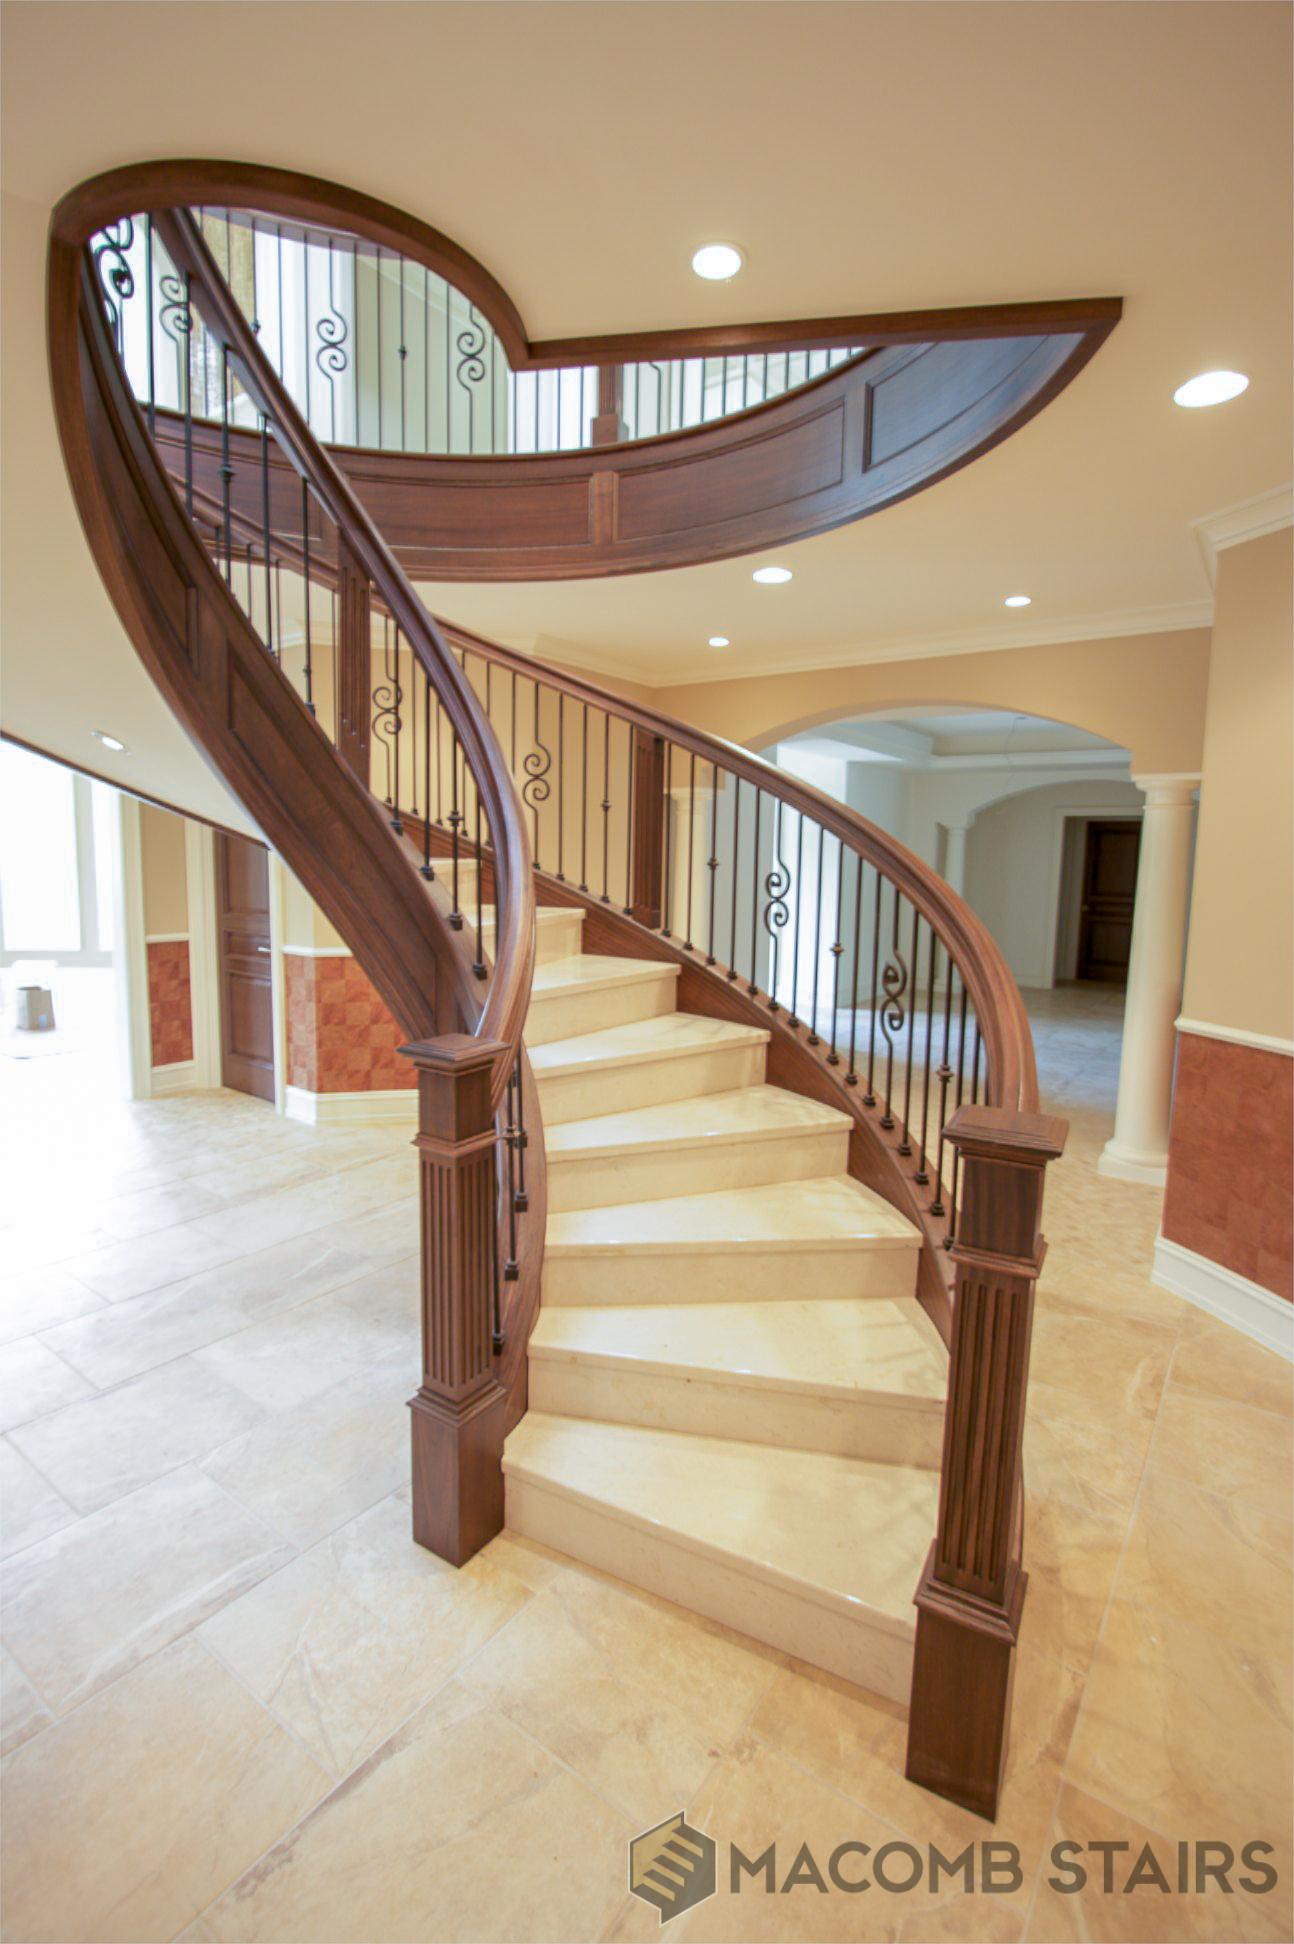 Macomb Stairs- Stair Photo-44.jpg